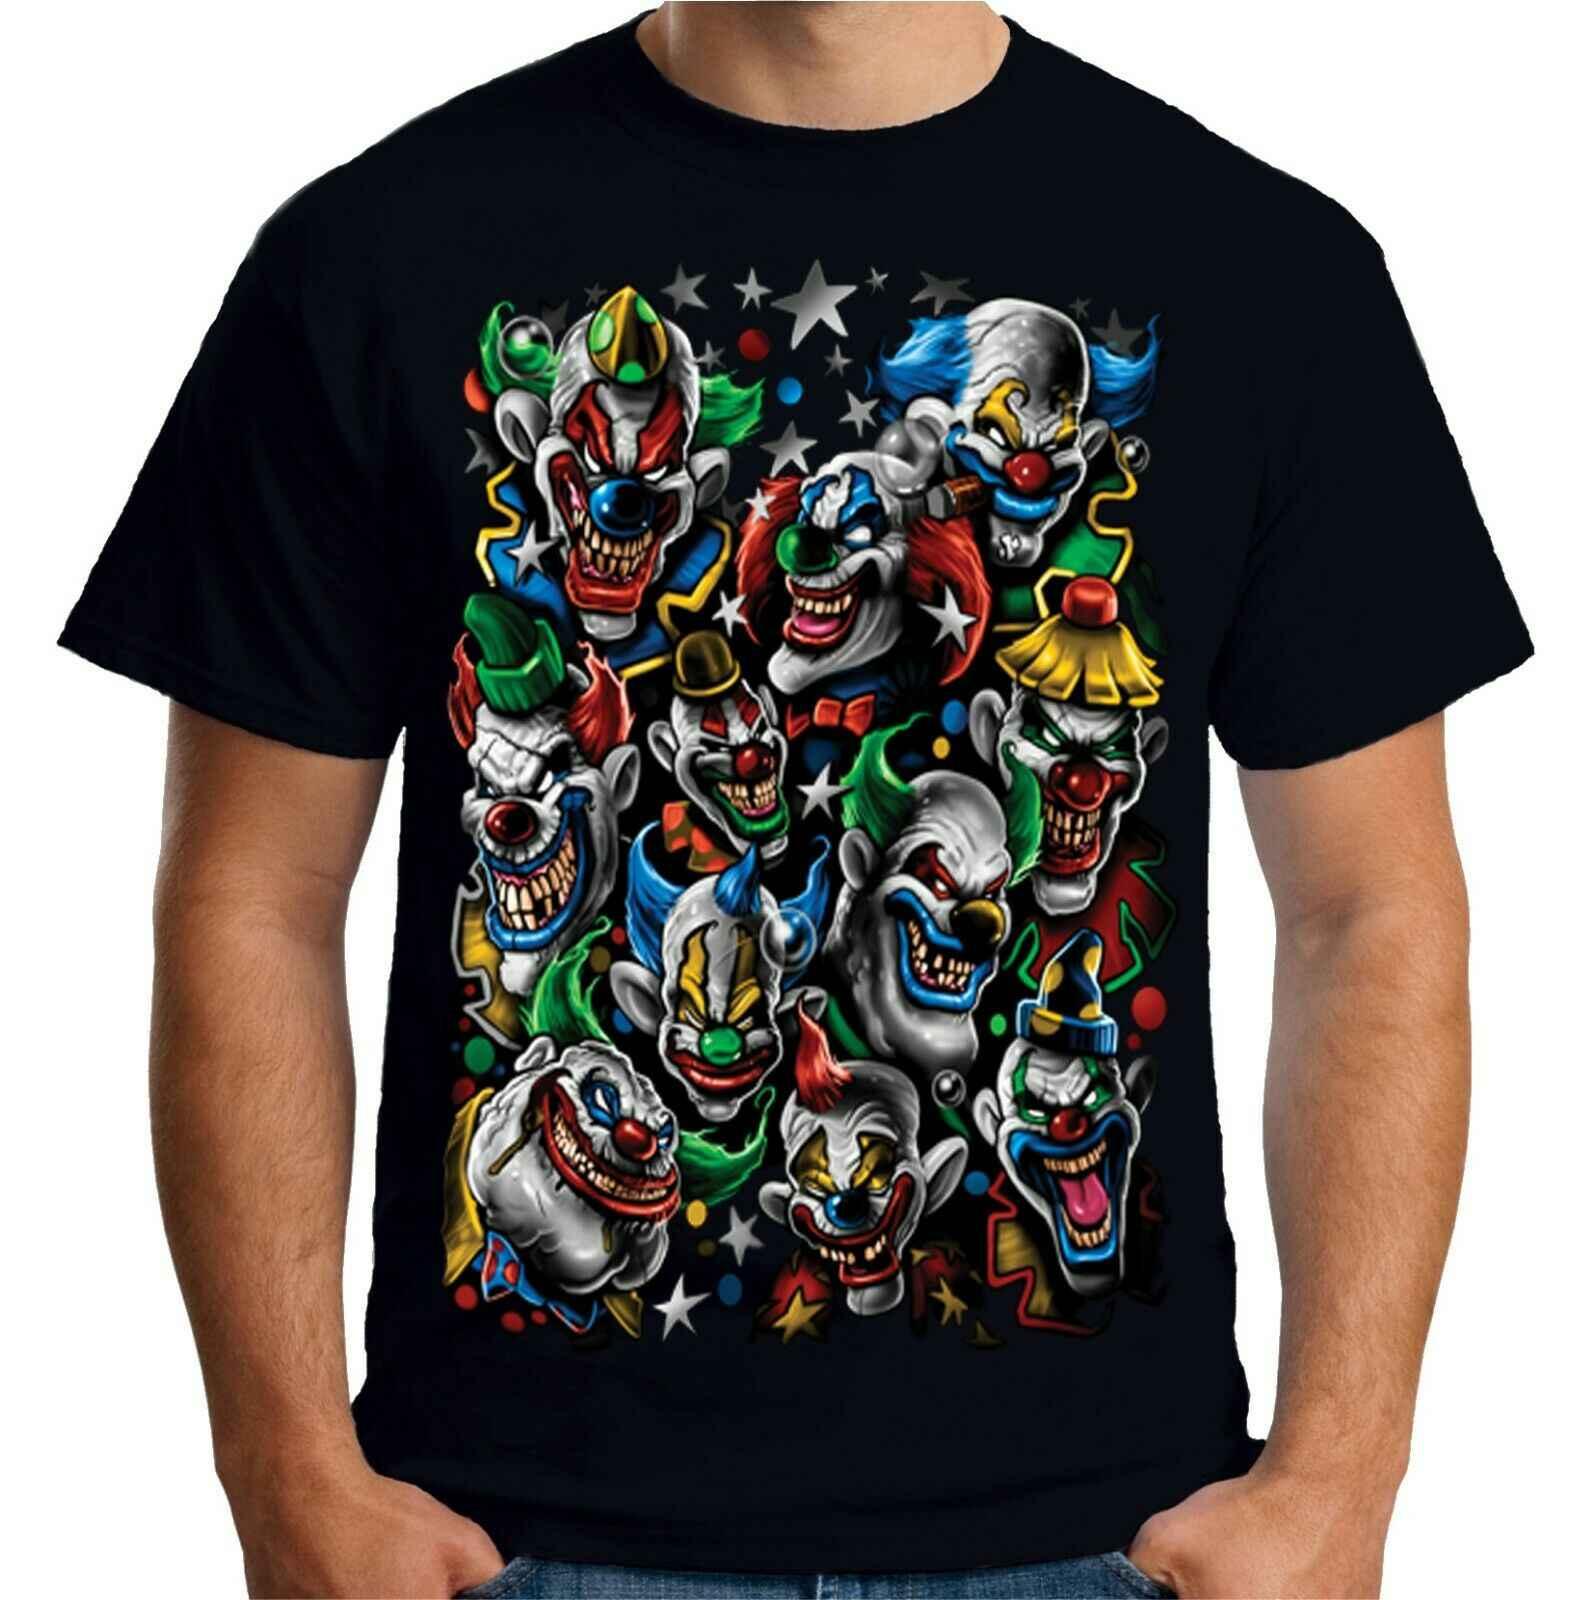 Мужские футболки с принтом злой клоуны Футболка Джокер цирк пугающий гот готический клоун A11247